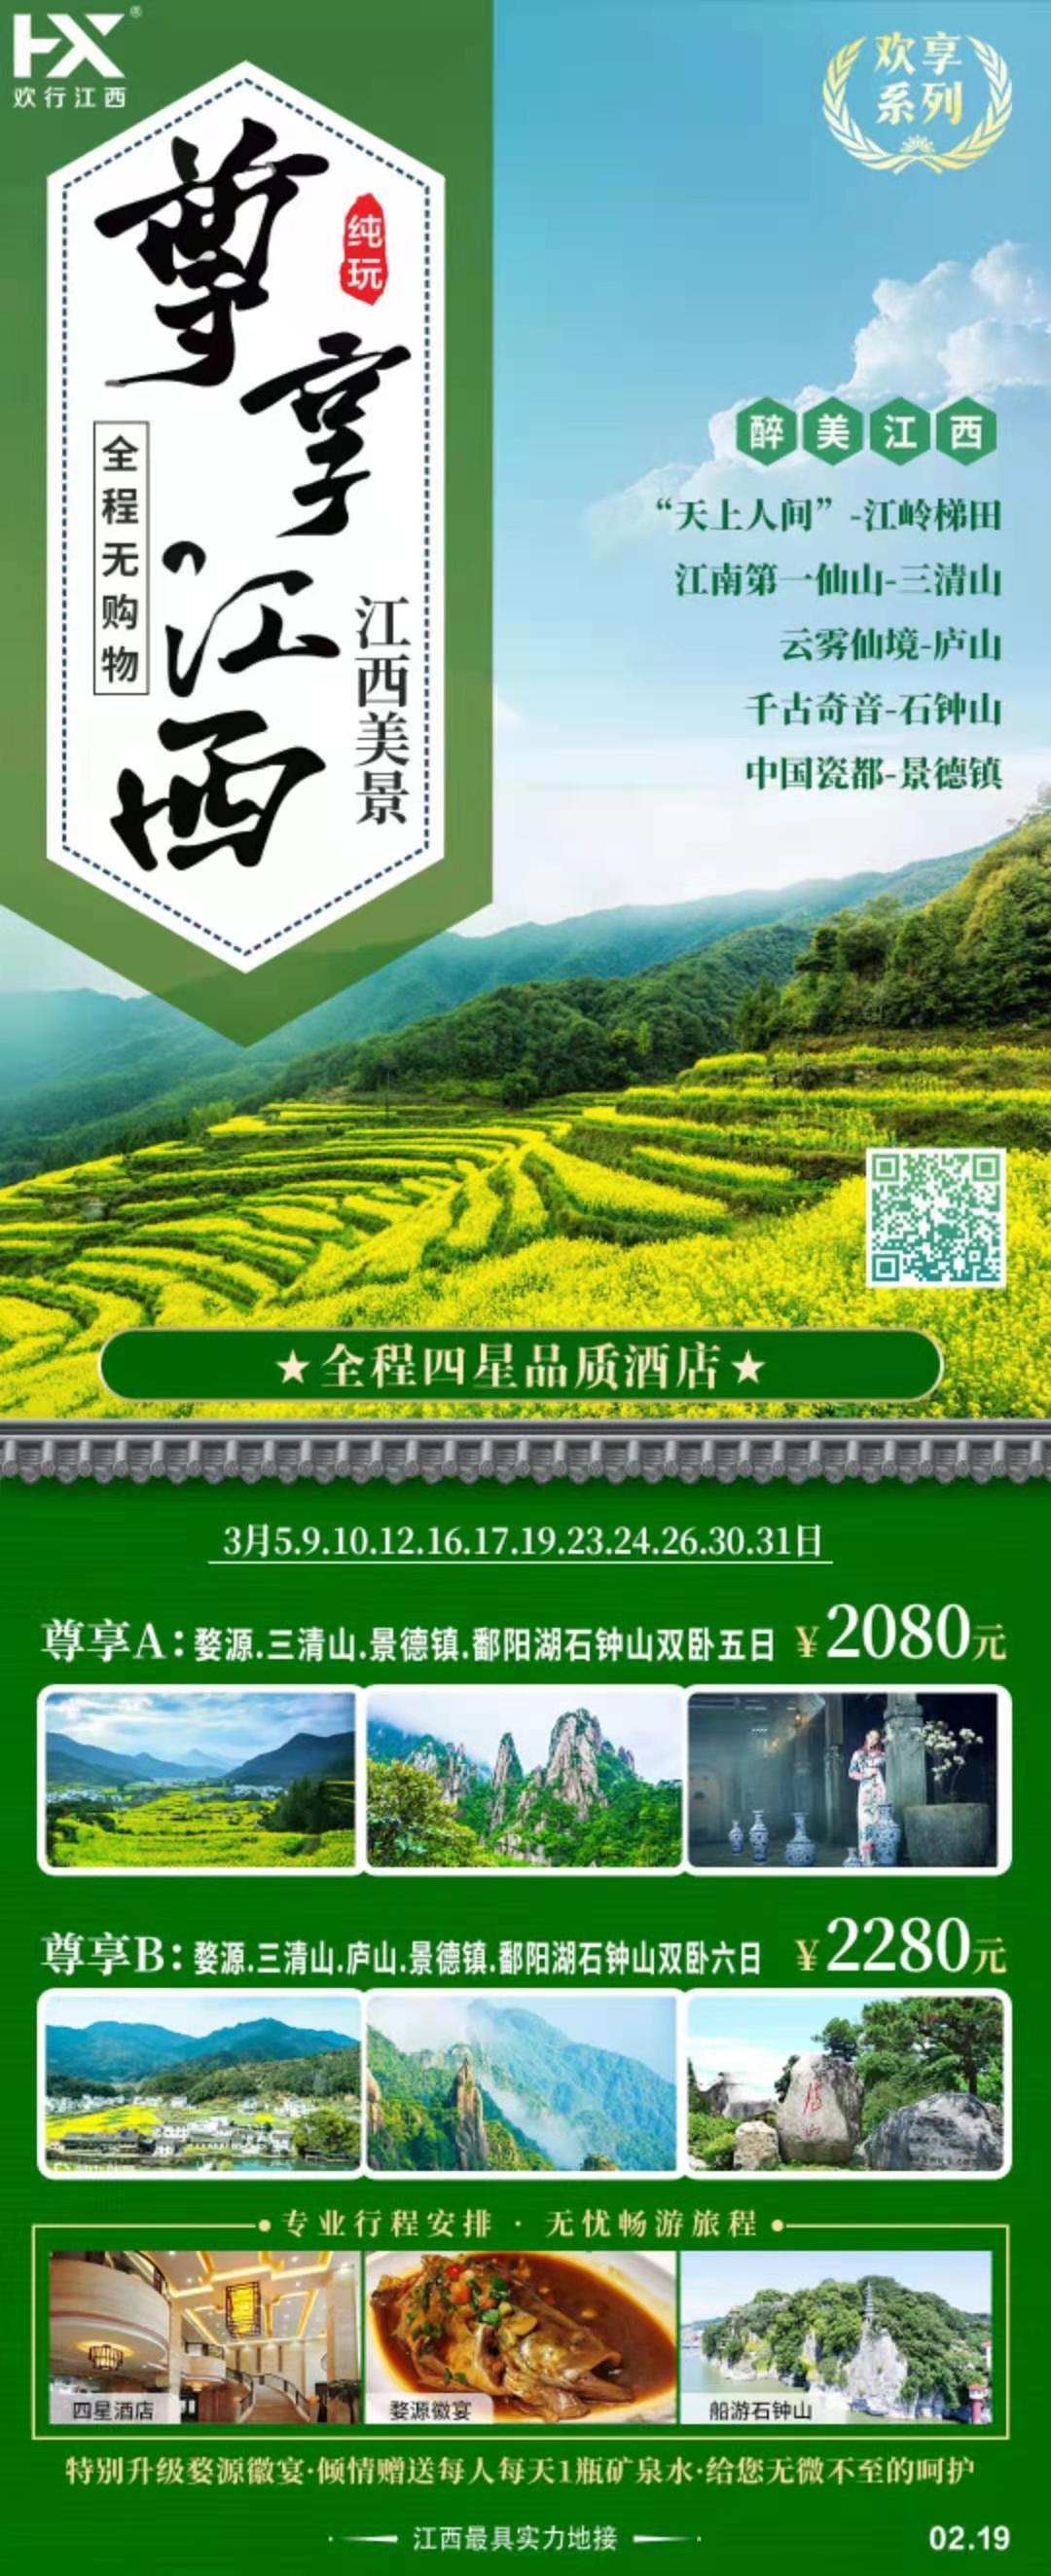 九江三清山